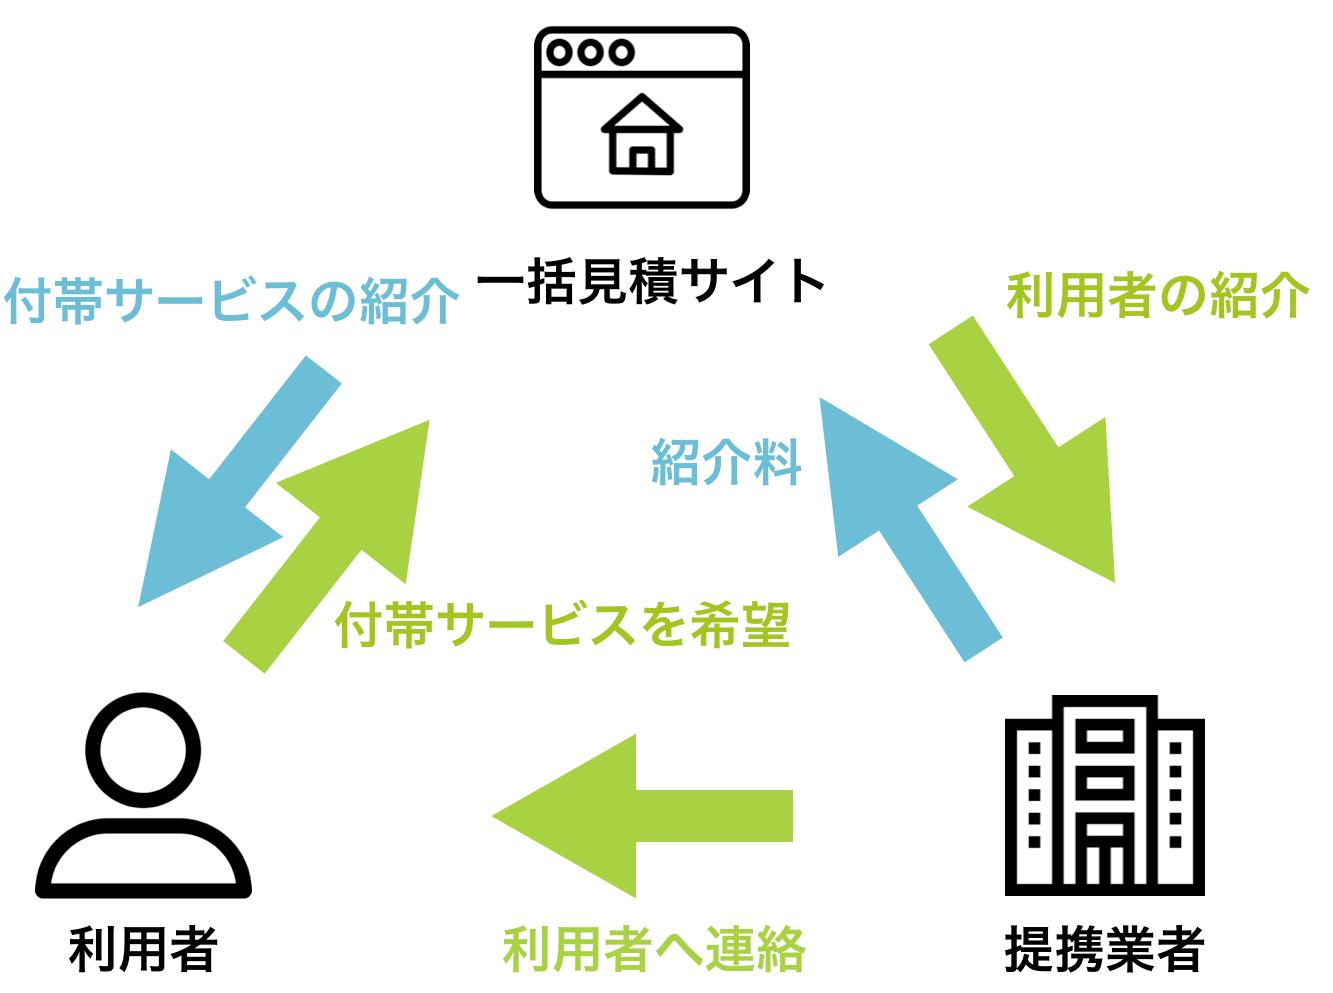 一括見積りサイトの付帯サービスの紹介料の説明